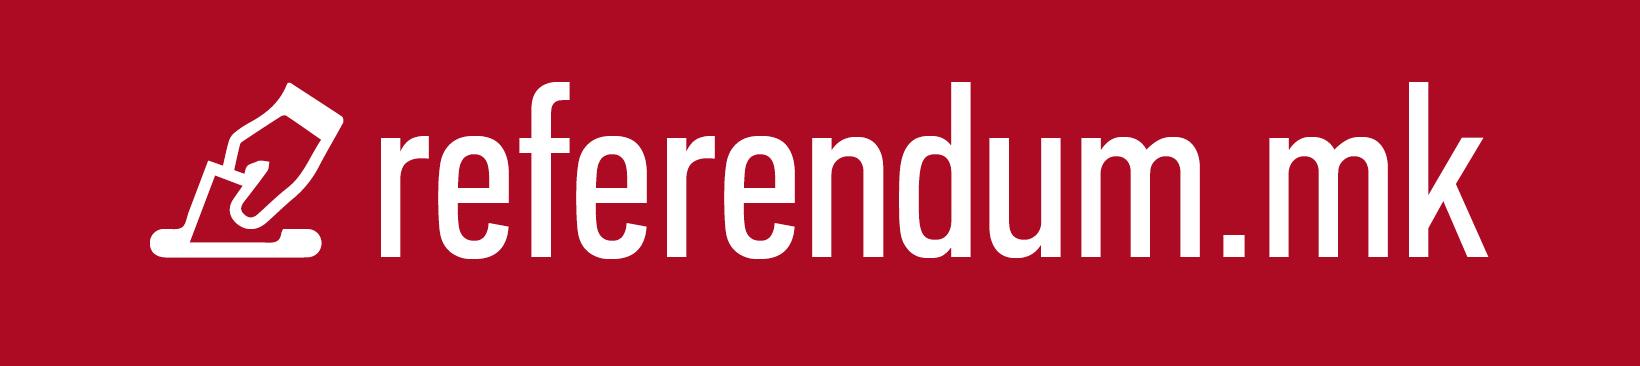 Референдум мк